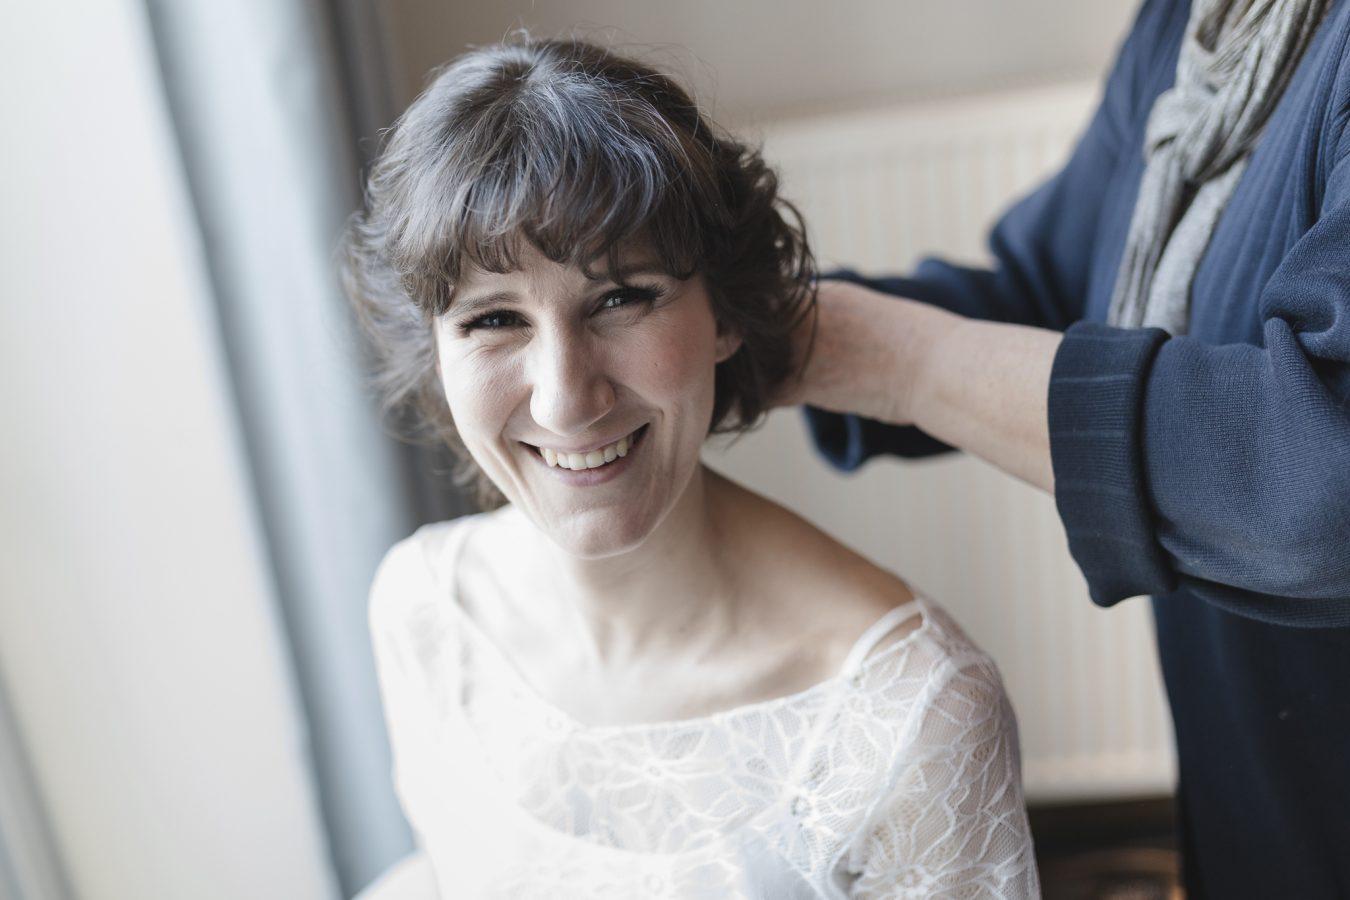 Hochzeitsfotograf Hamburg - Braut lacht beim Styling in die Kamera